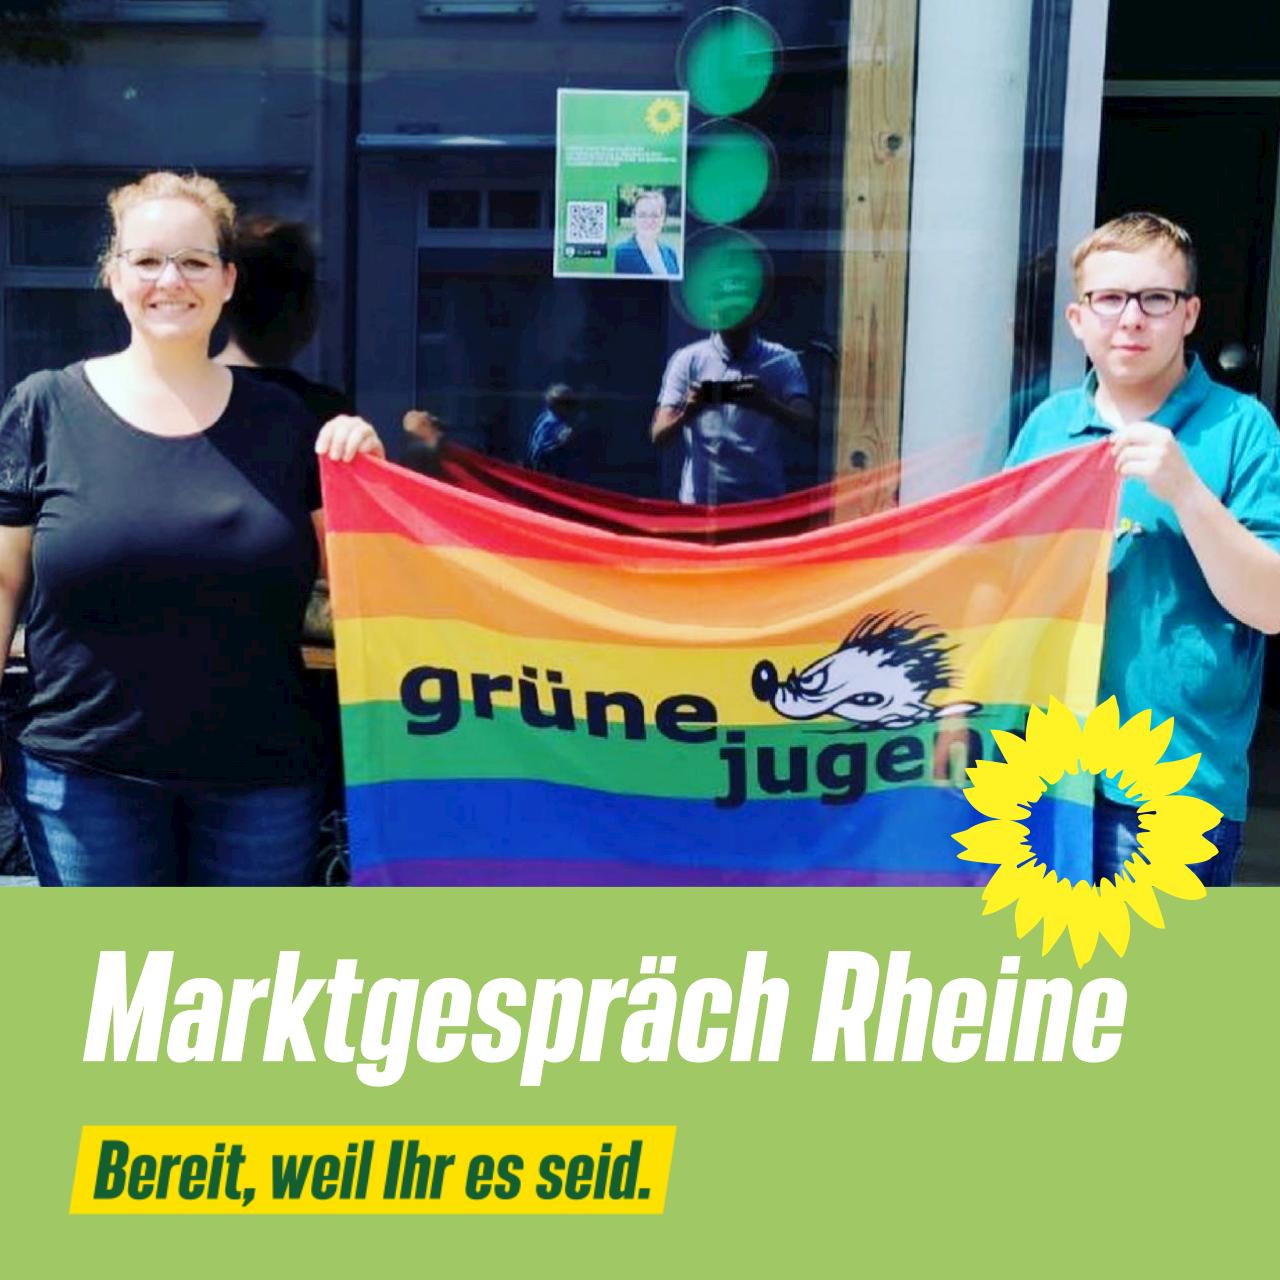 Marktgespräch Rheine